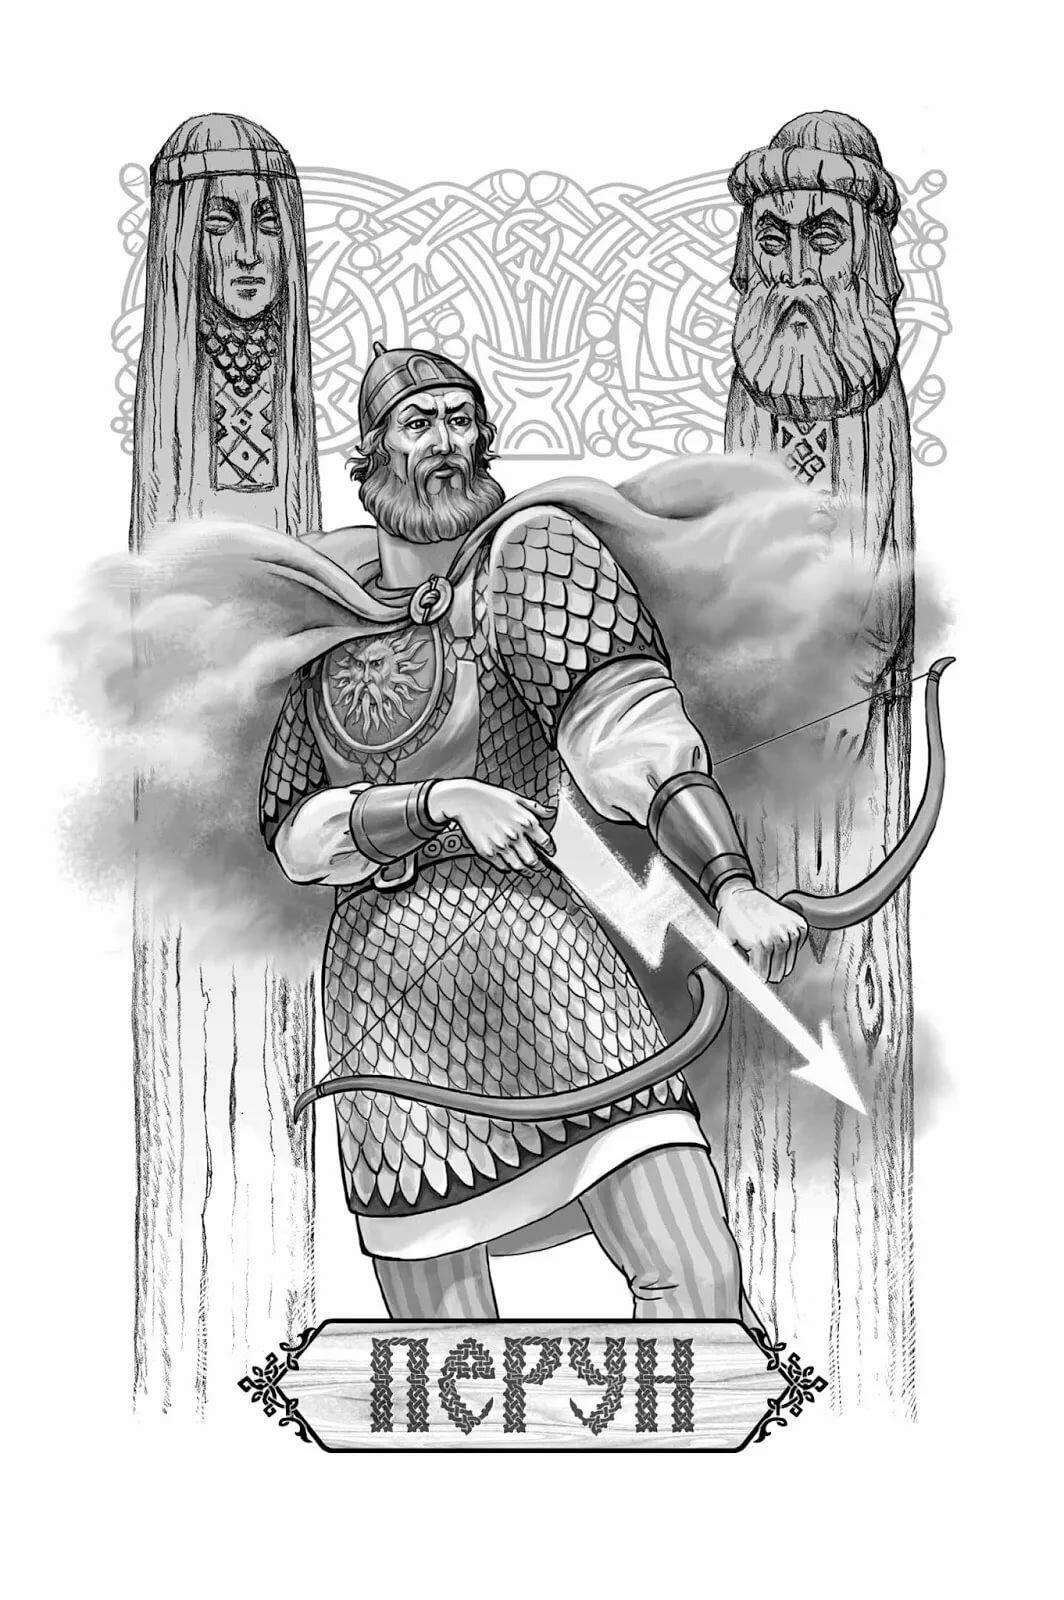 покупке мифы древних славян картинки срисовать толкать игрушки анал